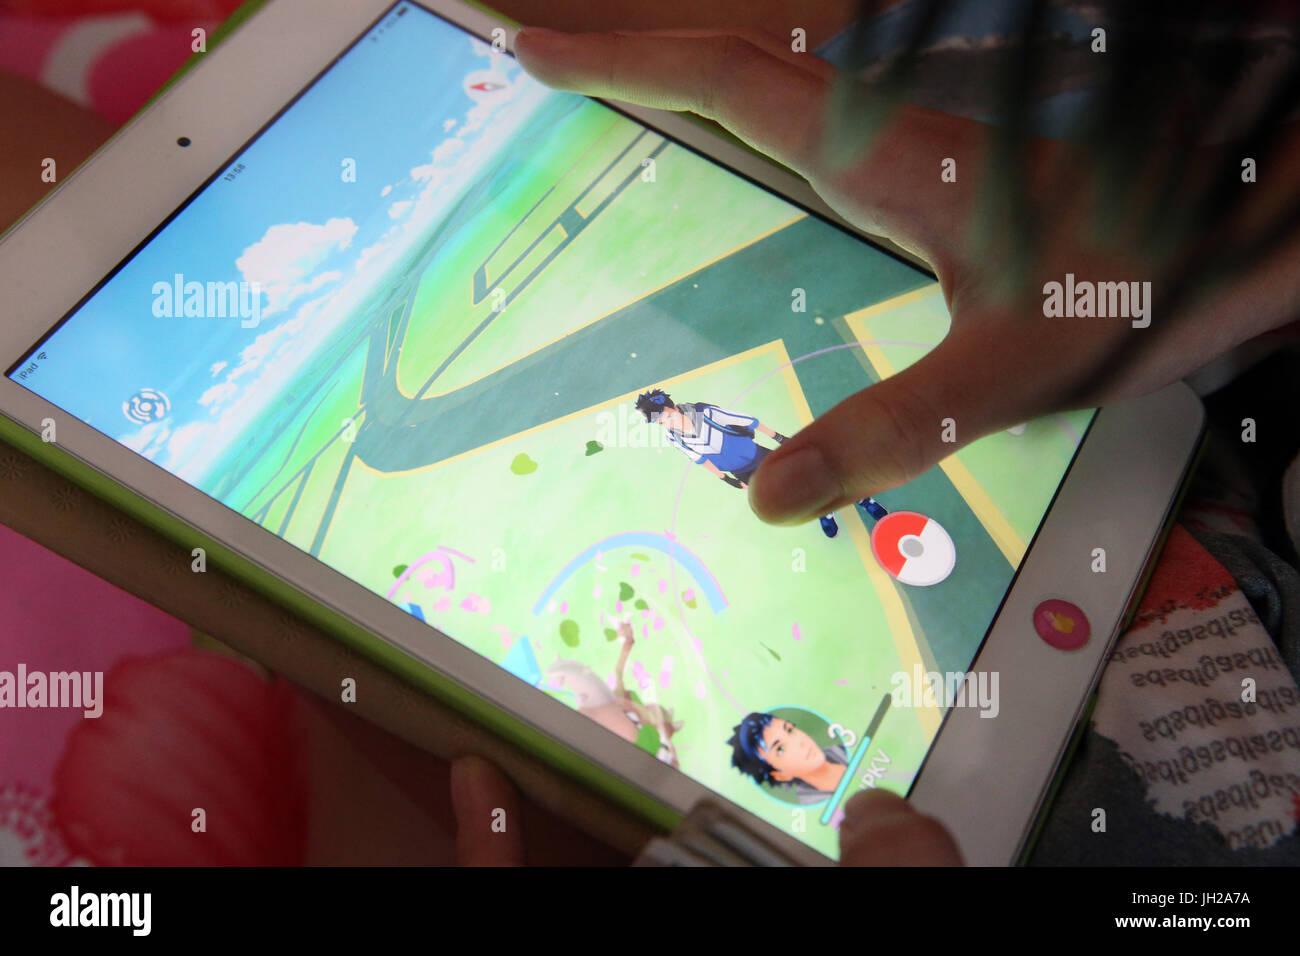 Fille jouant avec son comprimé pendant un Pokemon Rendez gaming. Ho Chi Minh Ville. Le Vietnam. Photo Stock